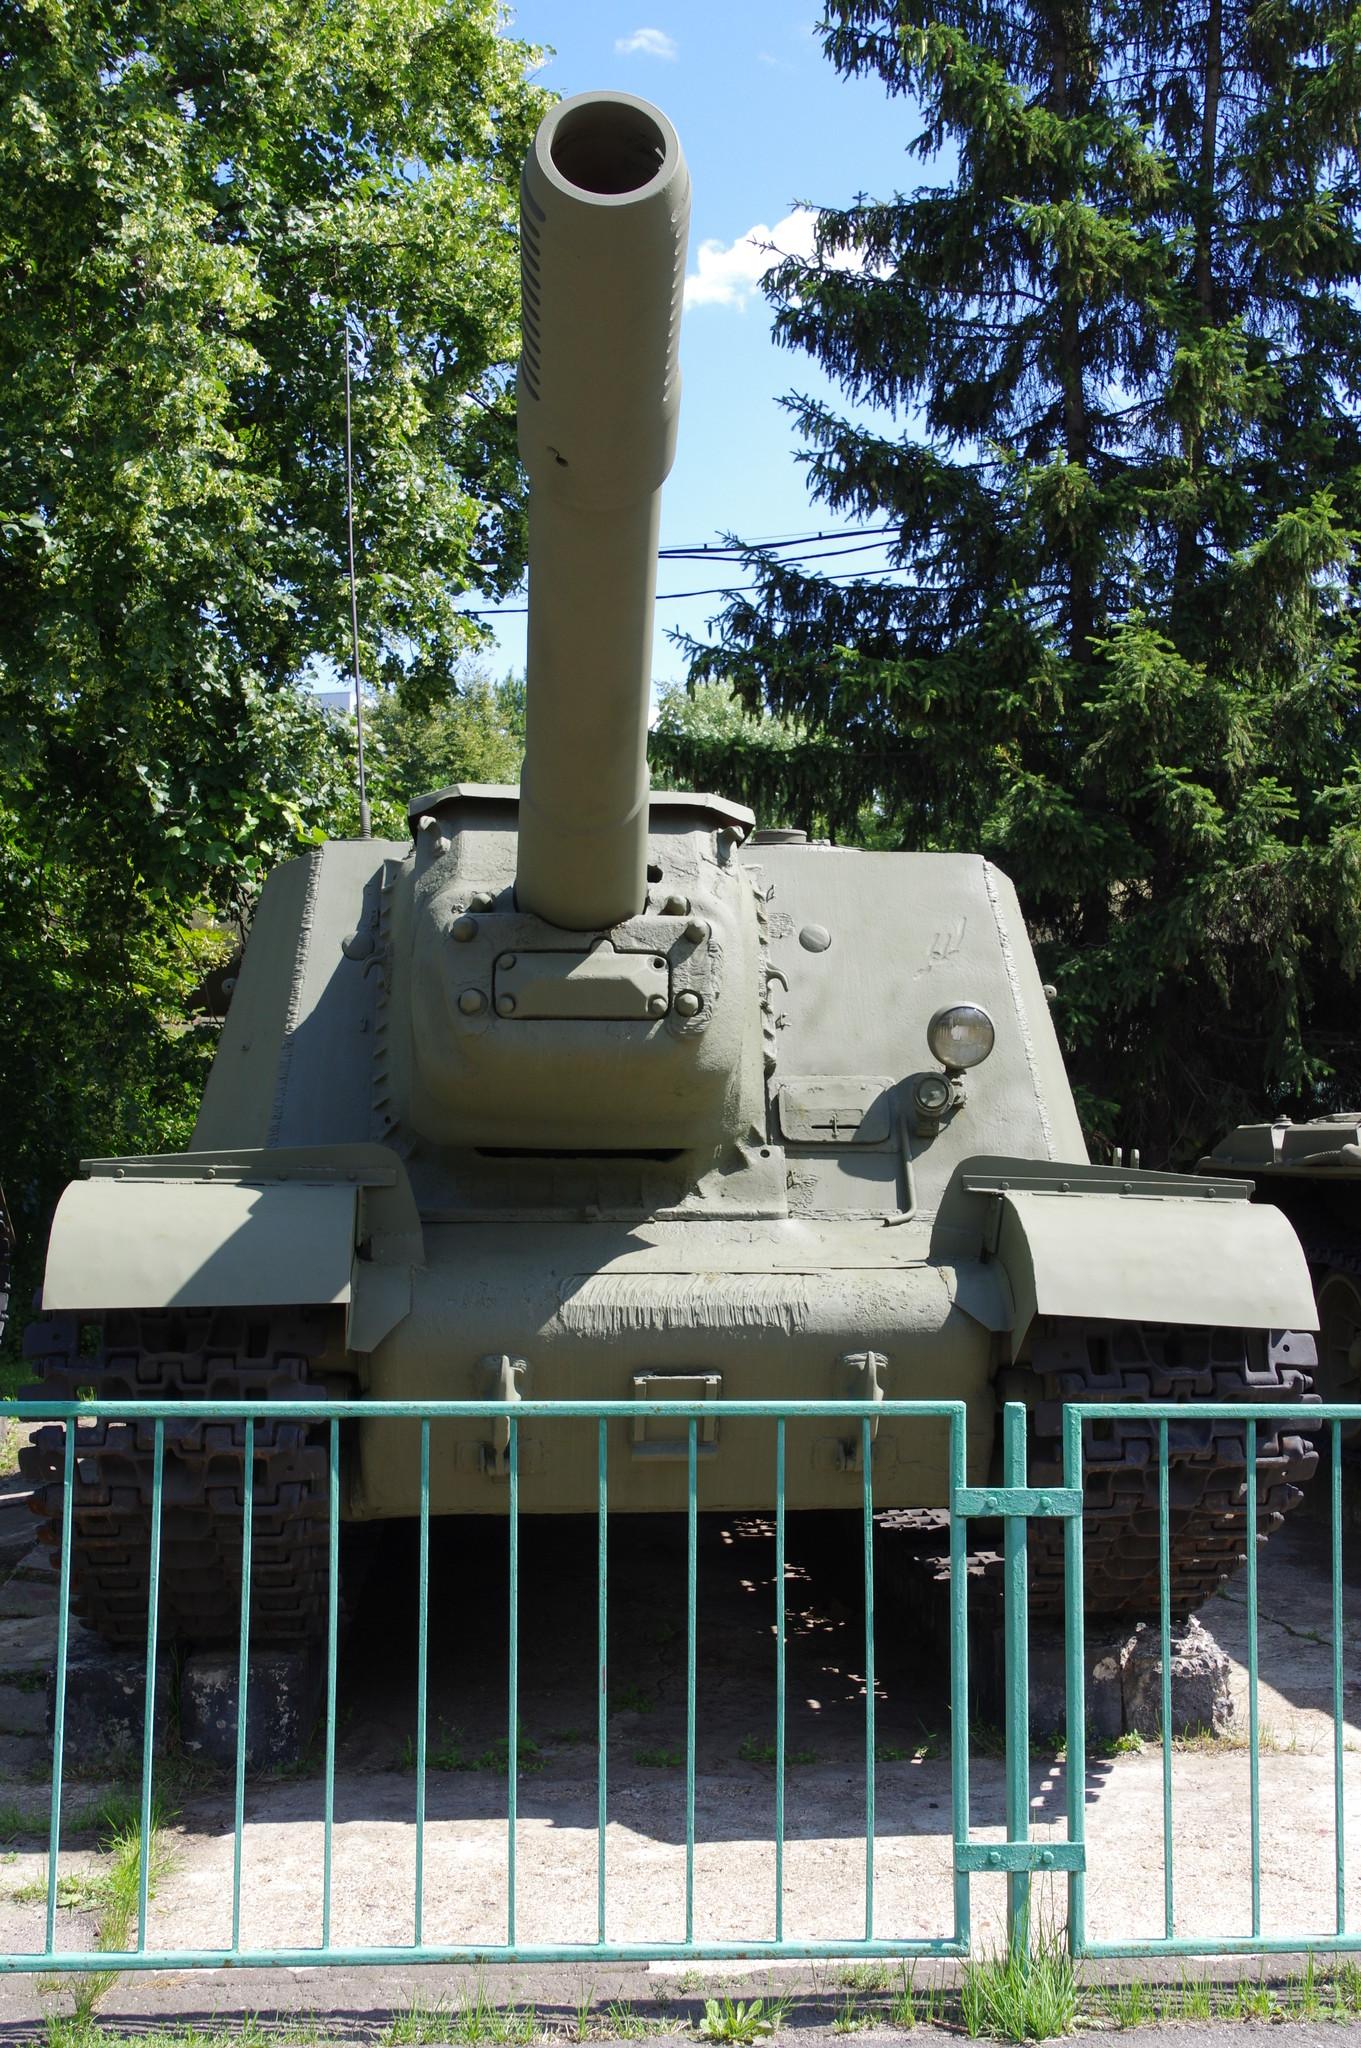 Самоходная установка ИСУ-152 в экспозиции Центрального музея Вооружённых сил Российской Федерации Редактировать описание